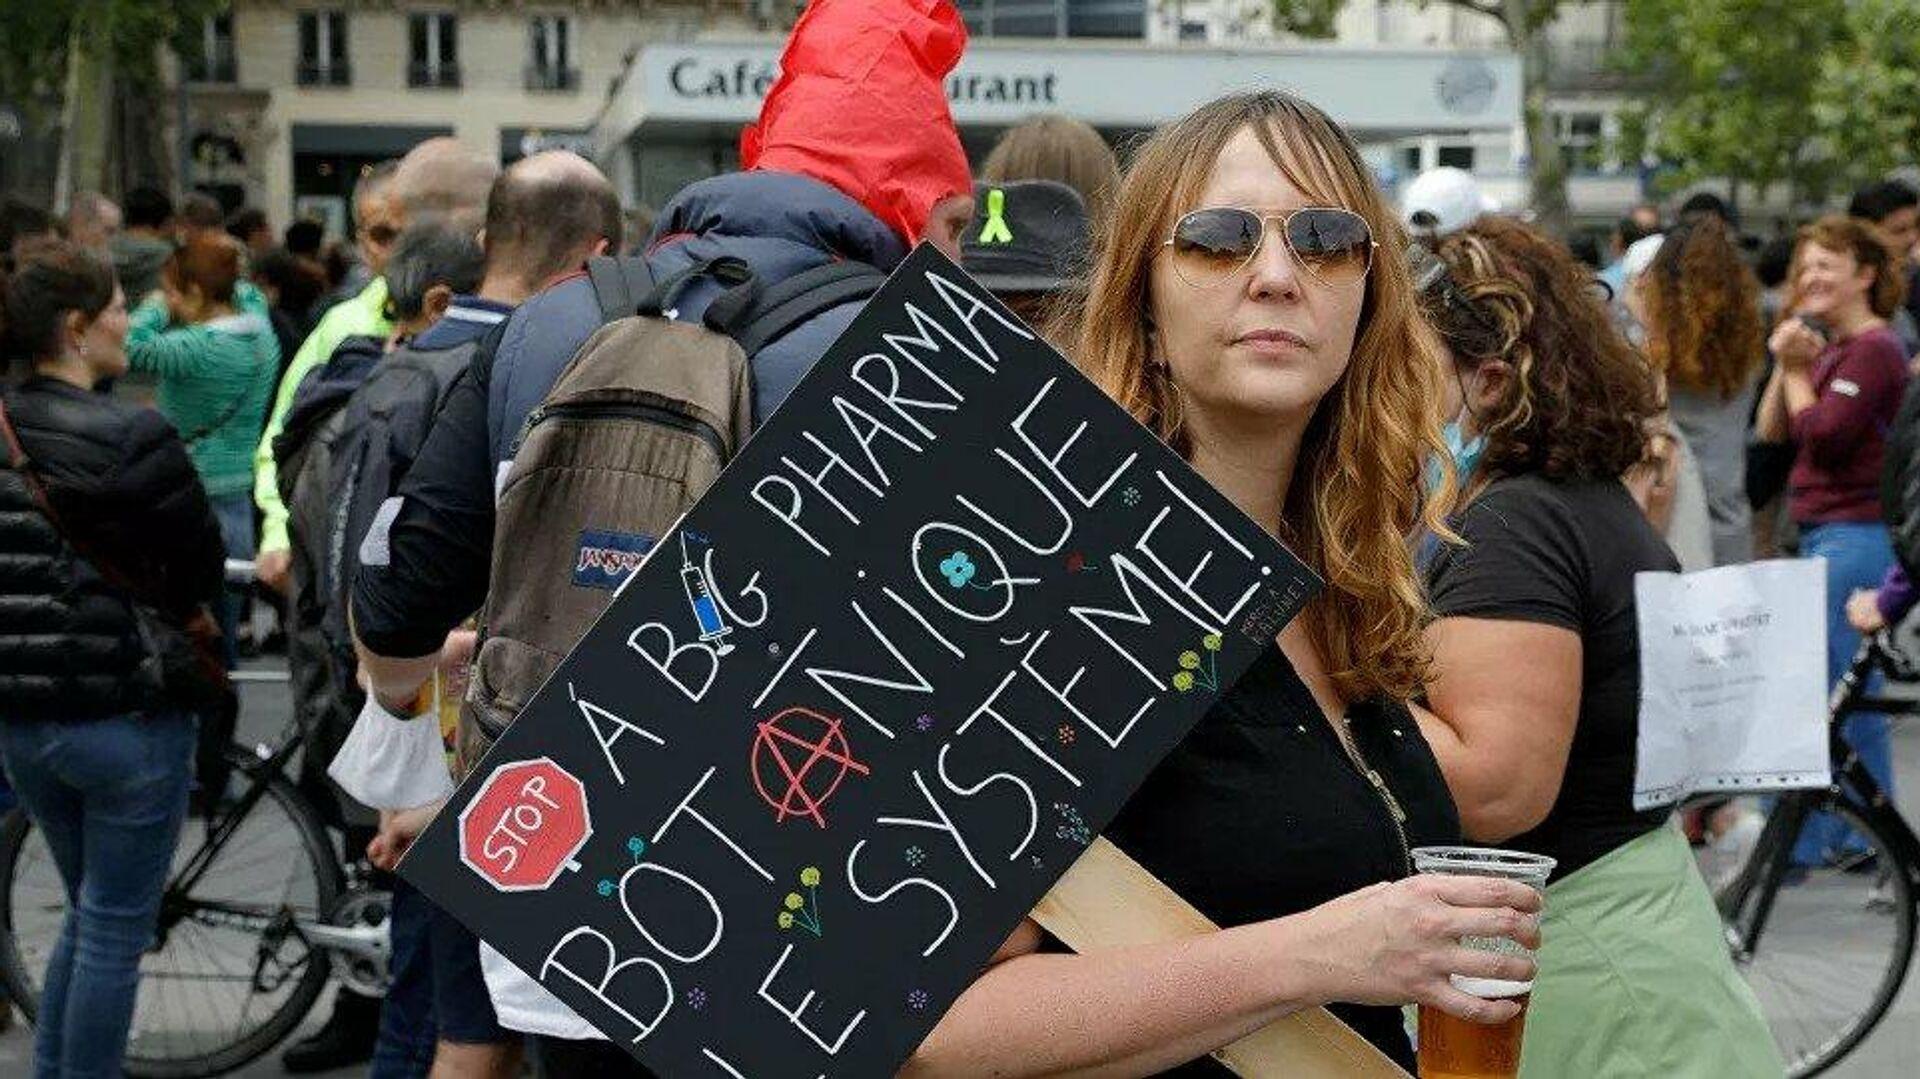 Le proteste a Parigi contro l'obbligo vaccinale  - Sputnik Italia, 1920, 17.07.2021